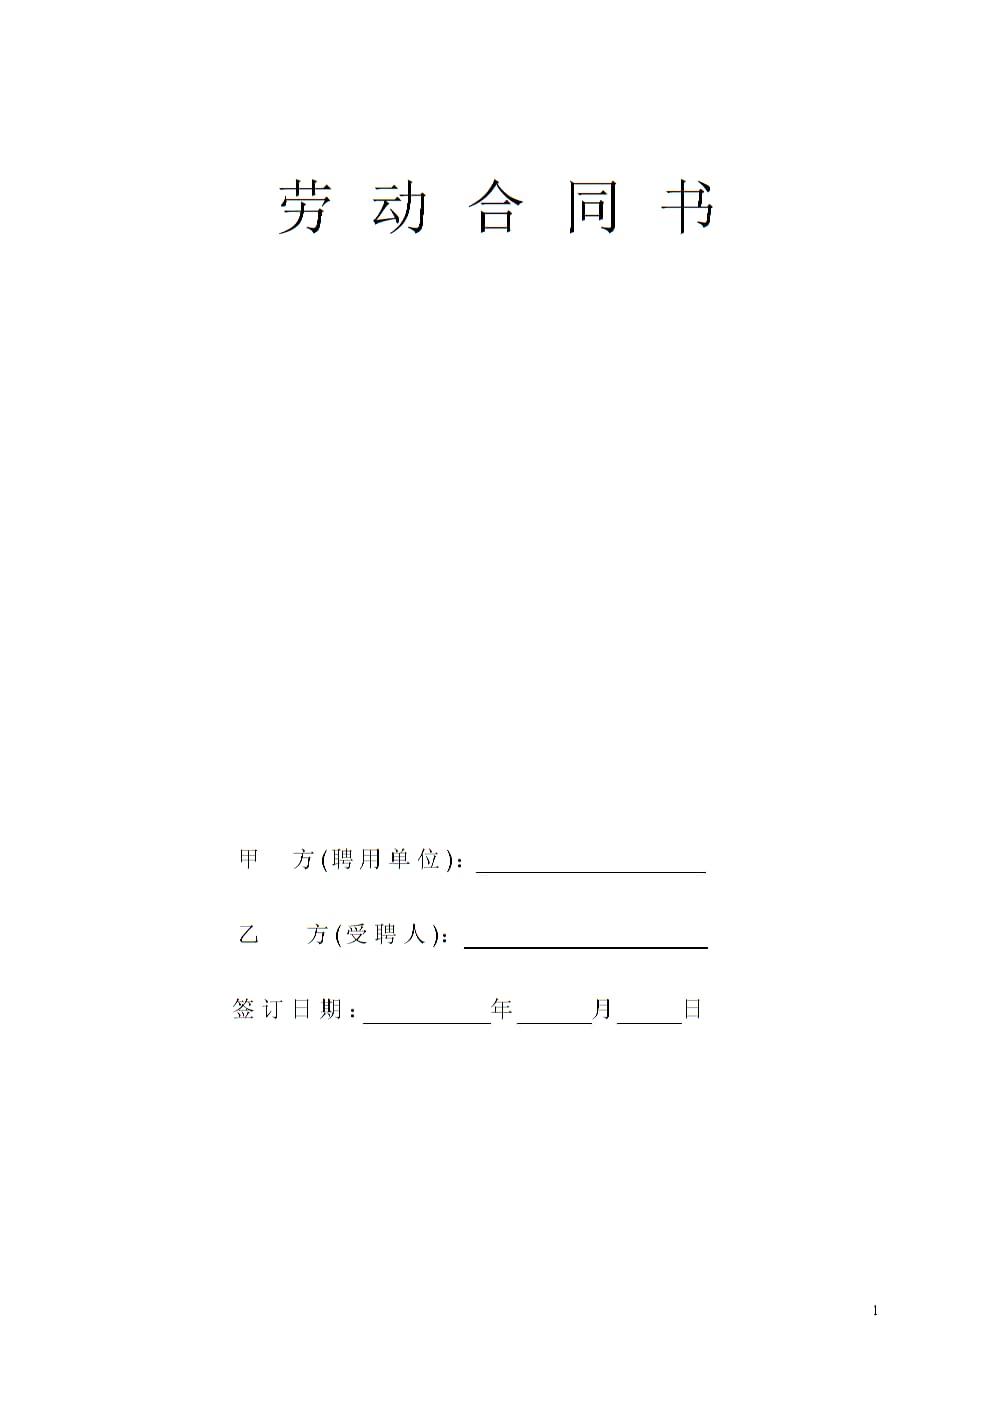 民办幼儿园劳动合同.ppt